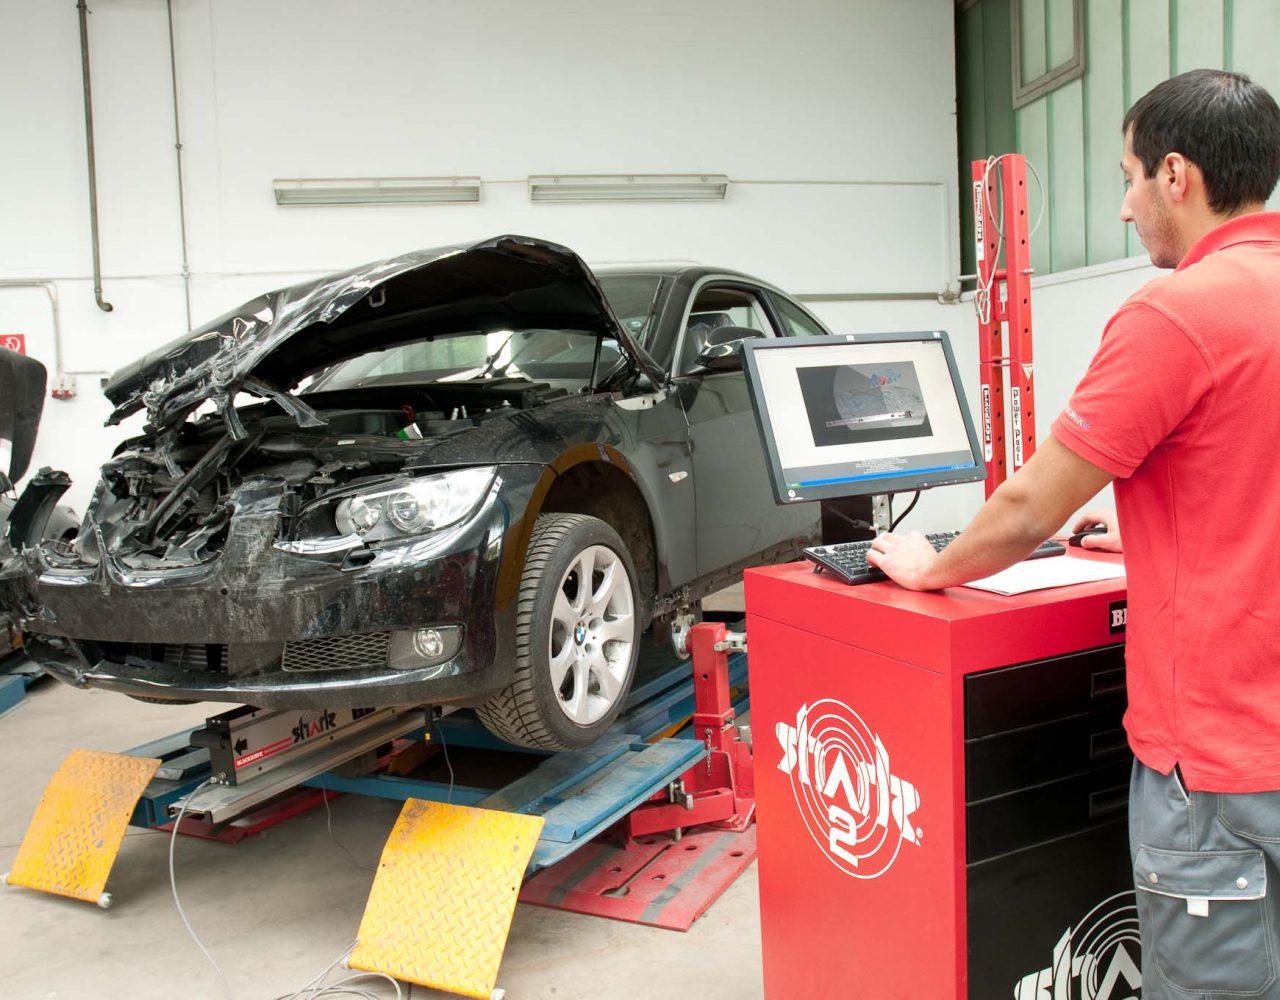 Диагностика повреждений автомобиля на станции технического обслуживания